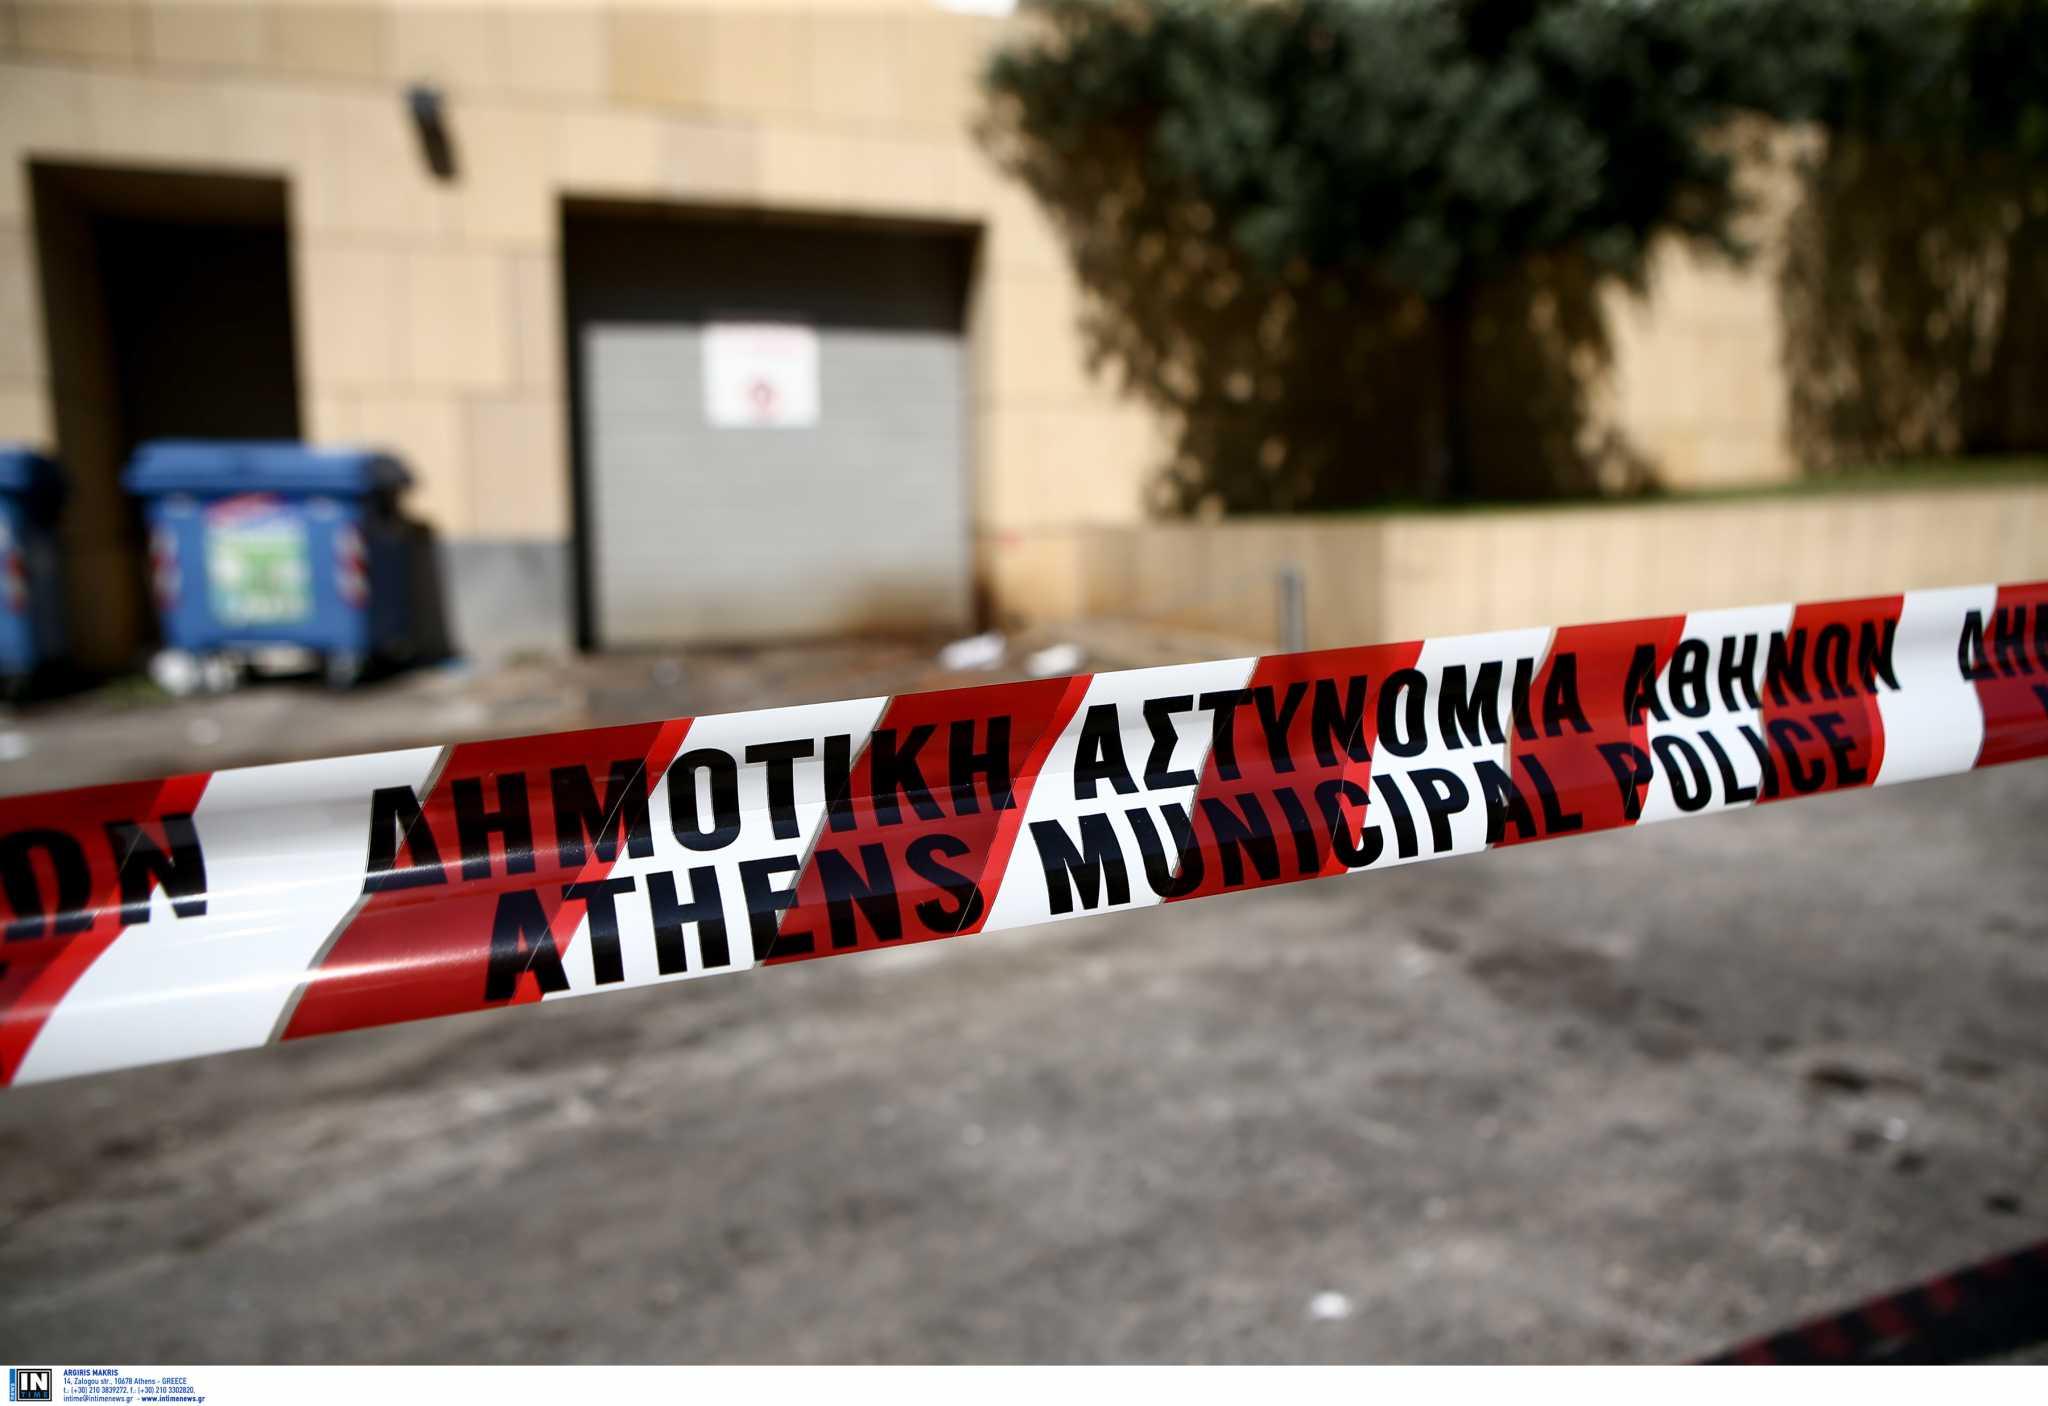 Ηράκλειο: Αναβιώνει το έγκλημα στις Μοίρες – Σκότωσε παππού μπροστά στον εγγονό του που έπαιζε